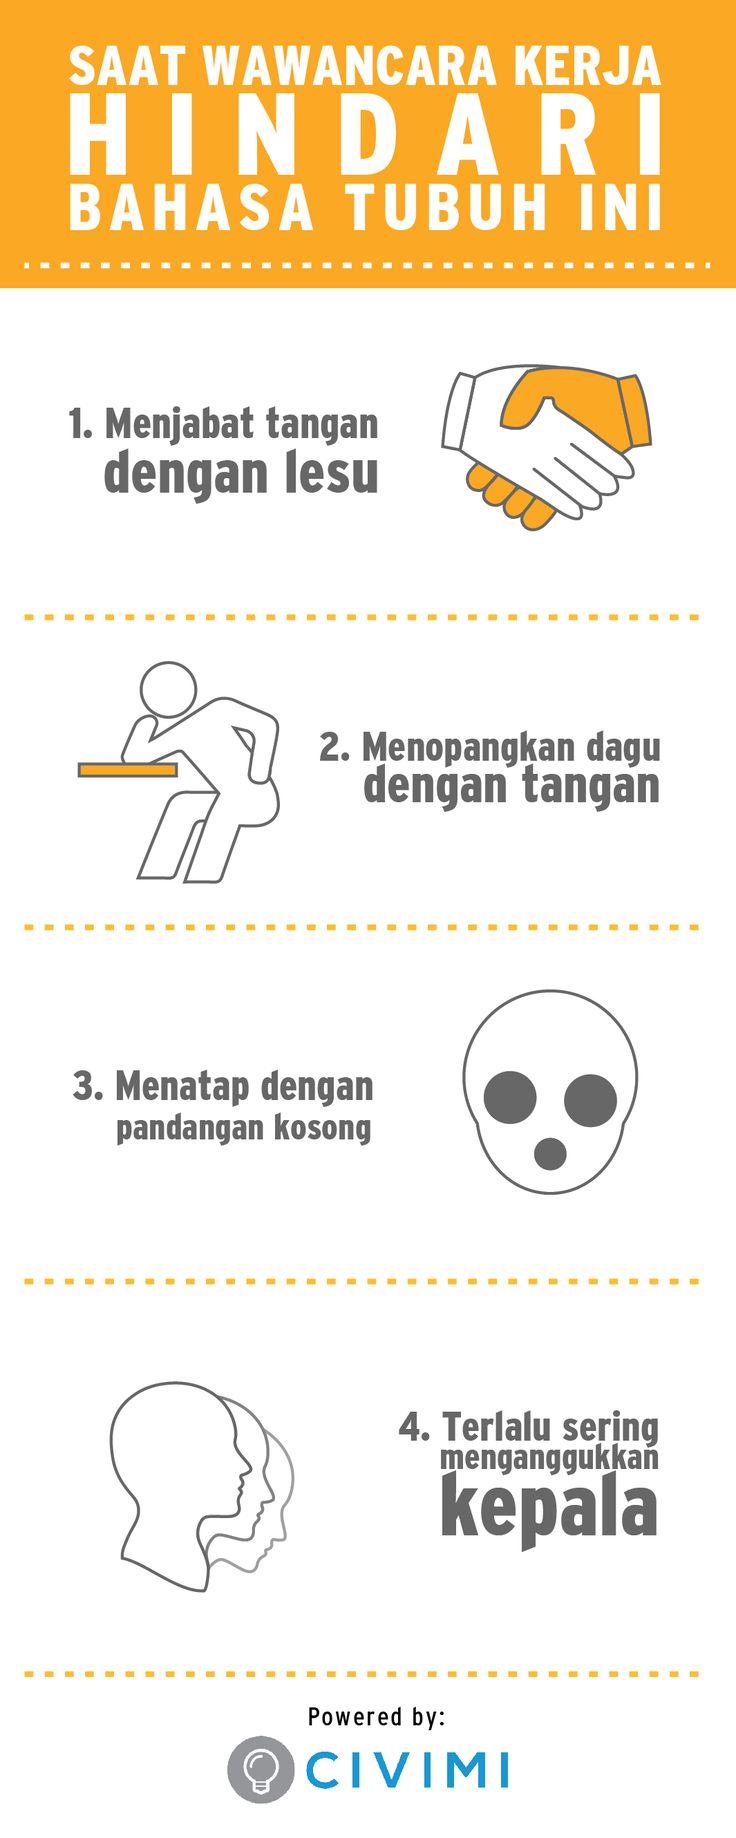 Saat Wawancara Kerja Hindari Bahasa Tubuh Ini (Infographic)